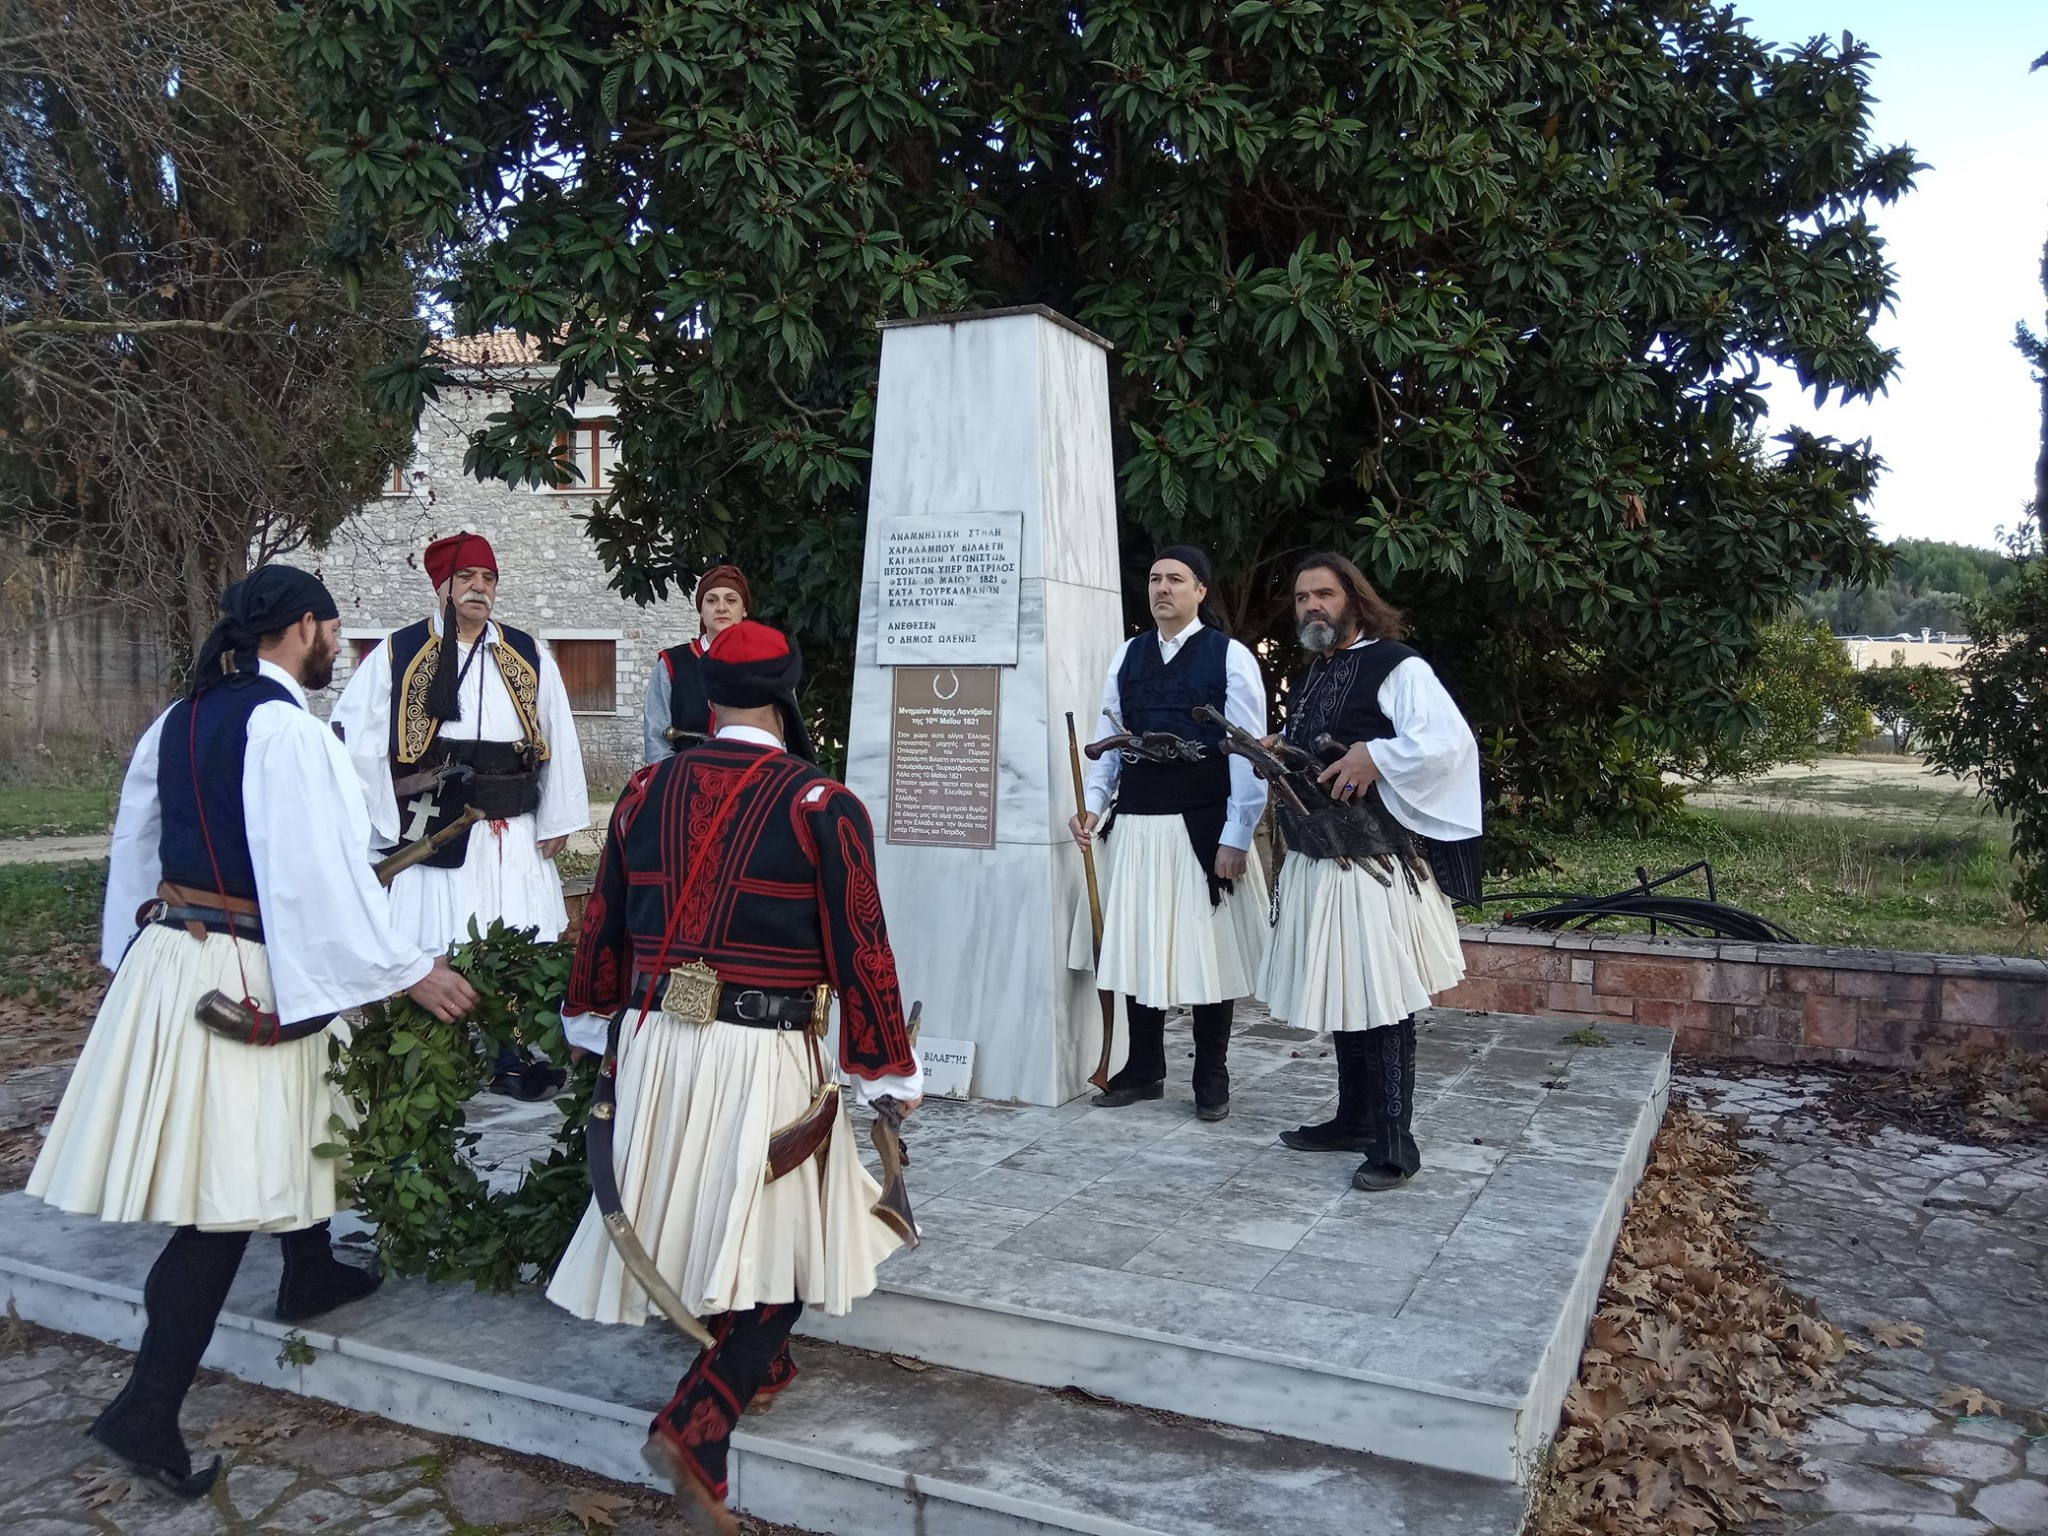 """Σύλλογος Φίλων Ιστορίας """"Χαράλαμπος Βιλάετης"""": Ημέρα μνήμης και τιμής η 10η Μαϊου για τον Πύργιο αγωνιστή που έπεσε μαχόμενος στο Λαντζόι το 1821"""